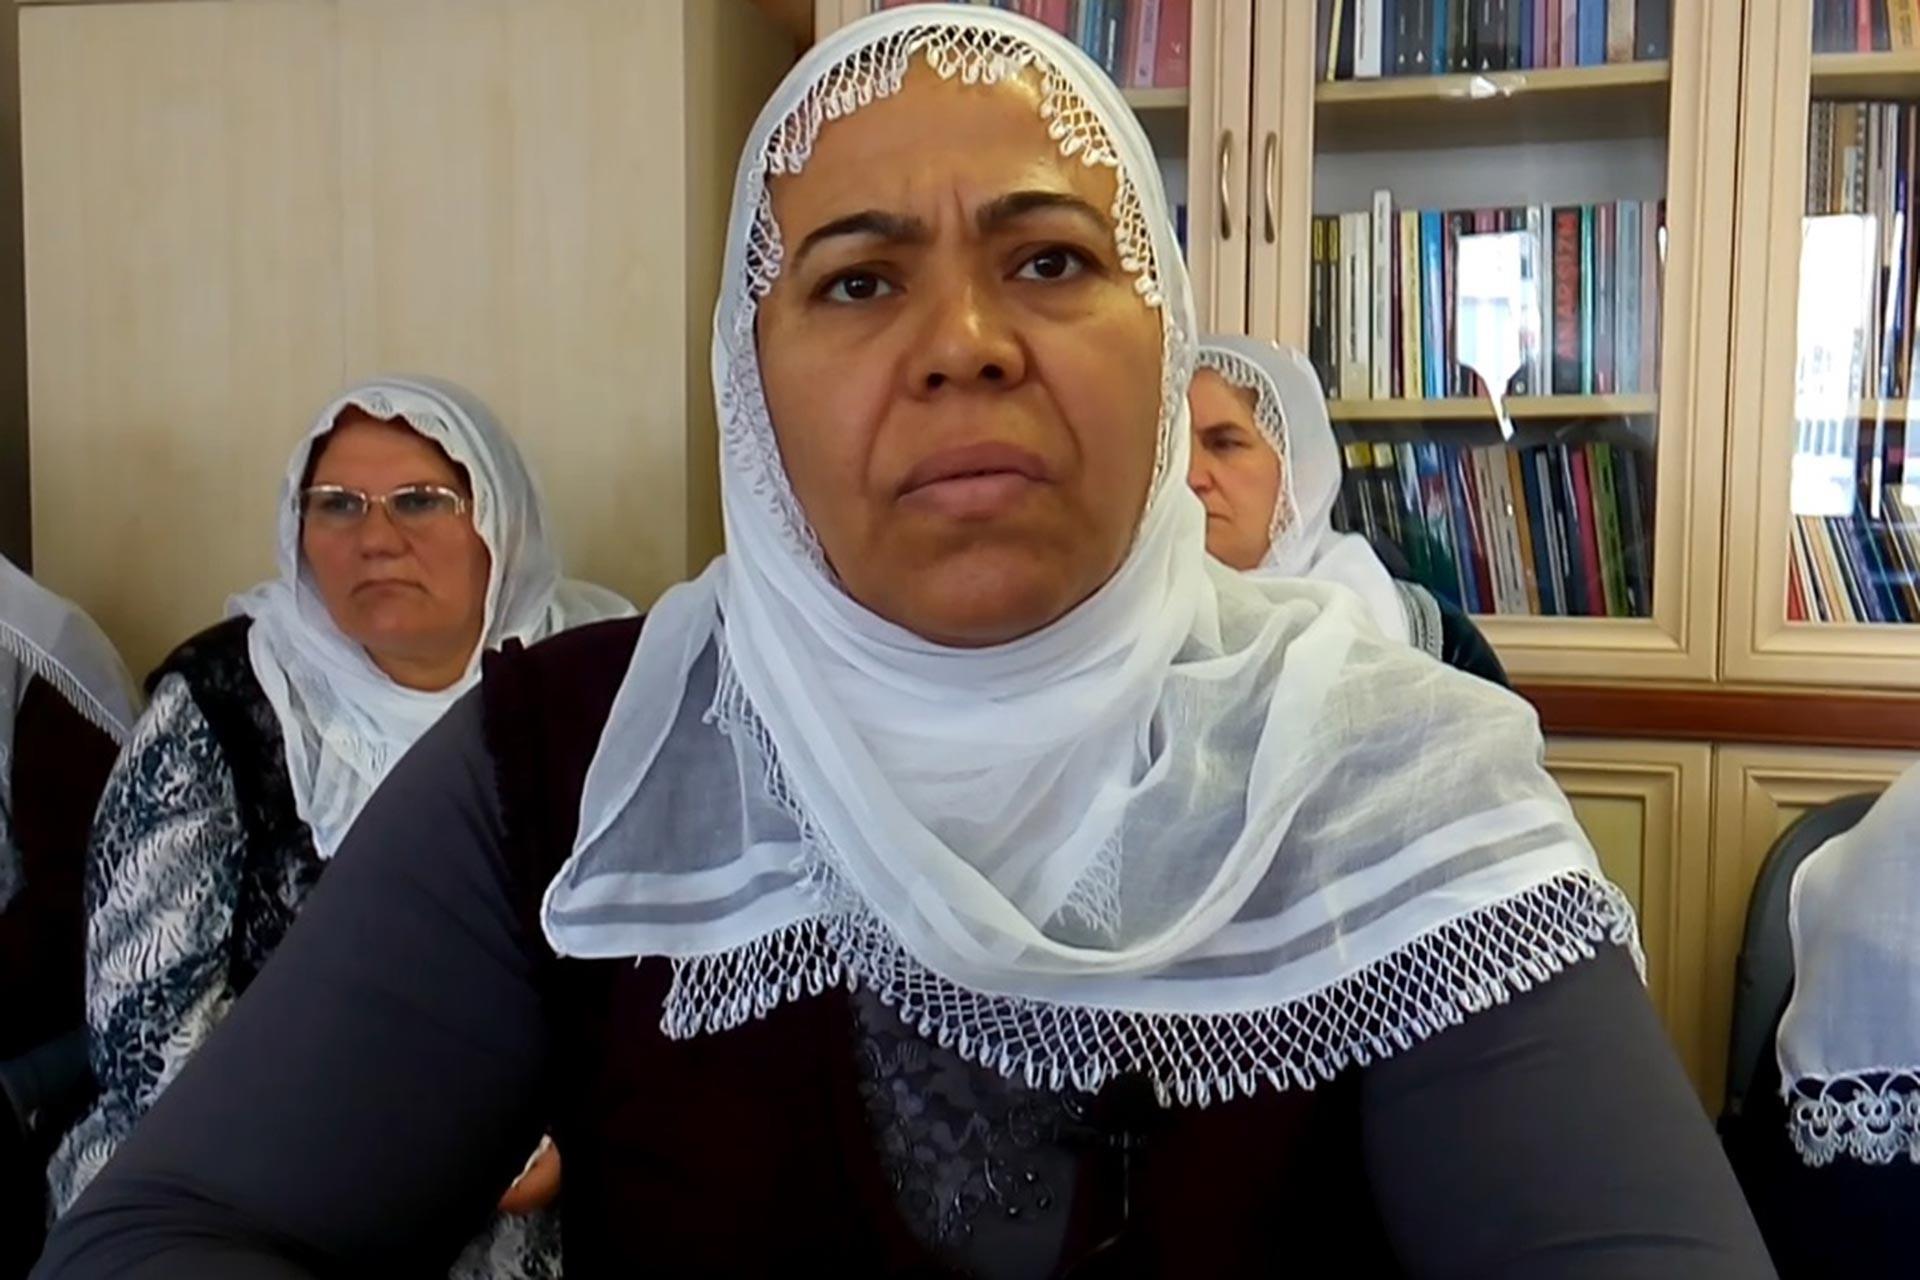 Kardeşi 5 Ocak'tan bu yana açlık grevinde olan Ayfer Bitmen, 'Tarihteki gibi ölümler tekrarlanmasın' dedi